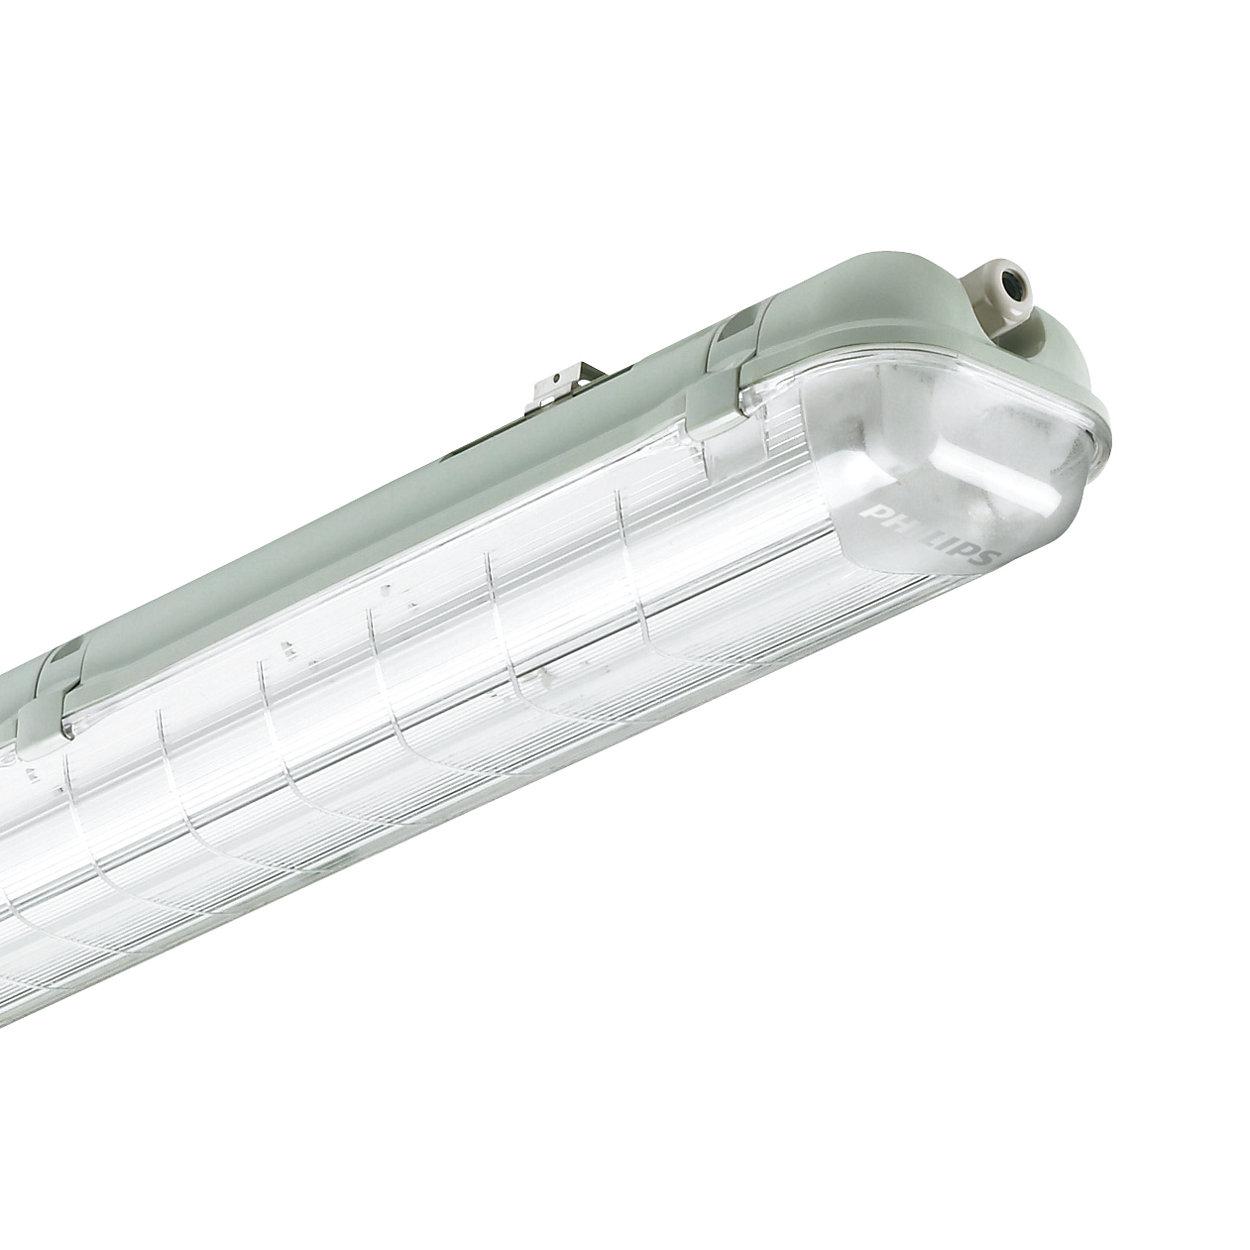 Waterproof TCW060 – just light